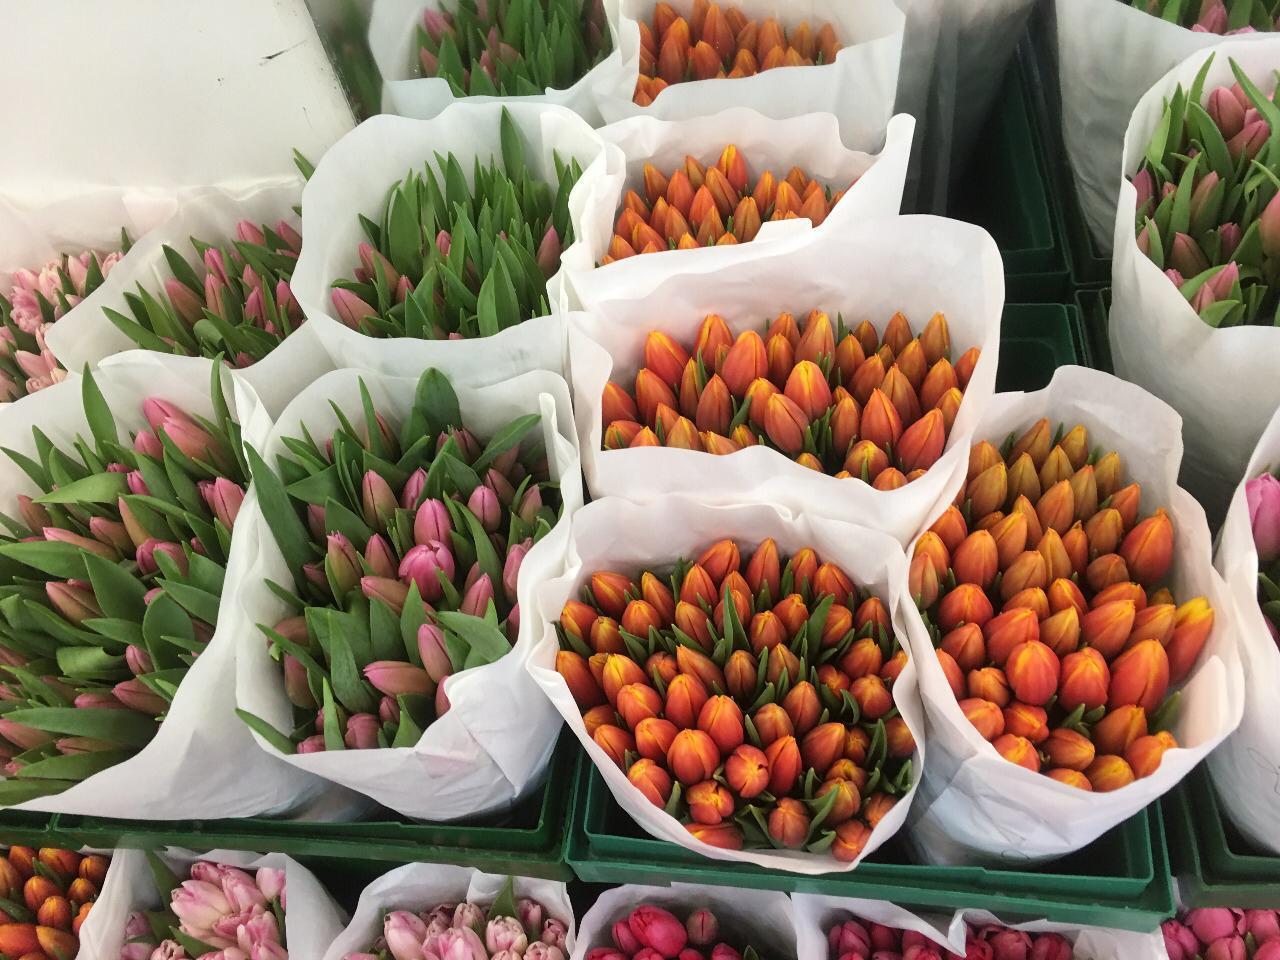 Тюльпаны микс Экстра (Tulips mix Extra) 45 см +, пр-ва Галантус